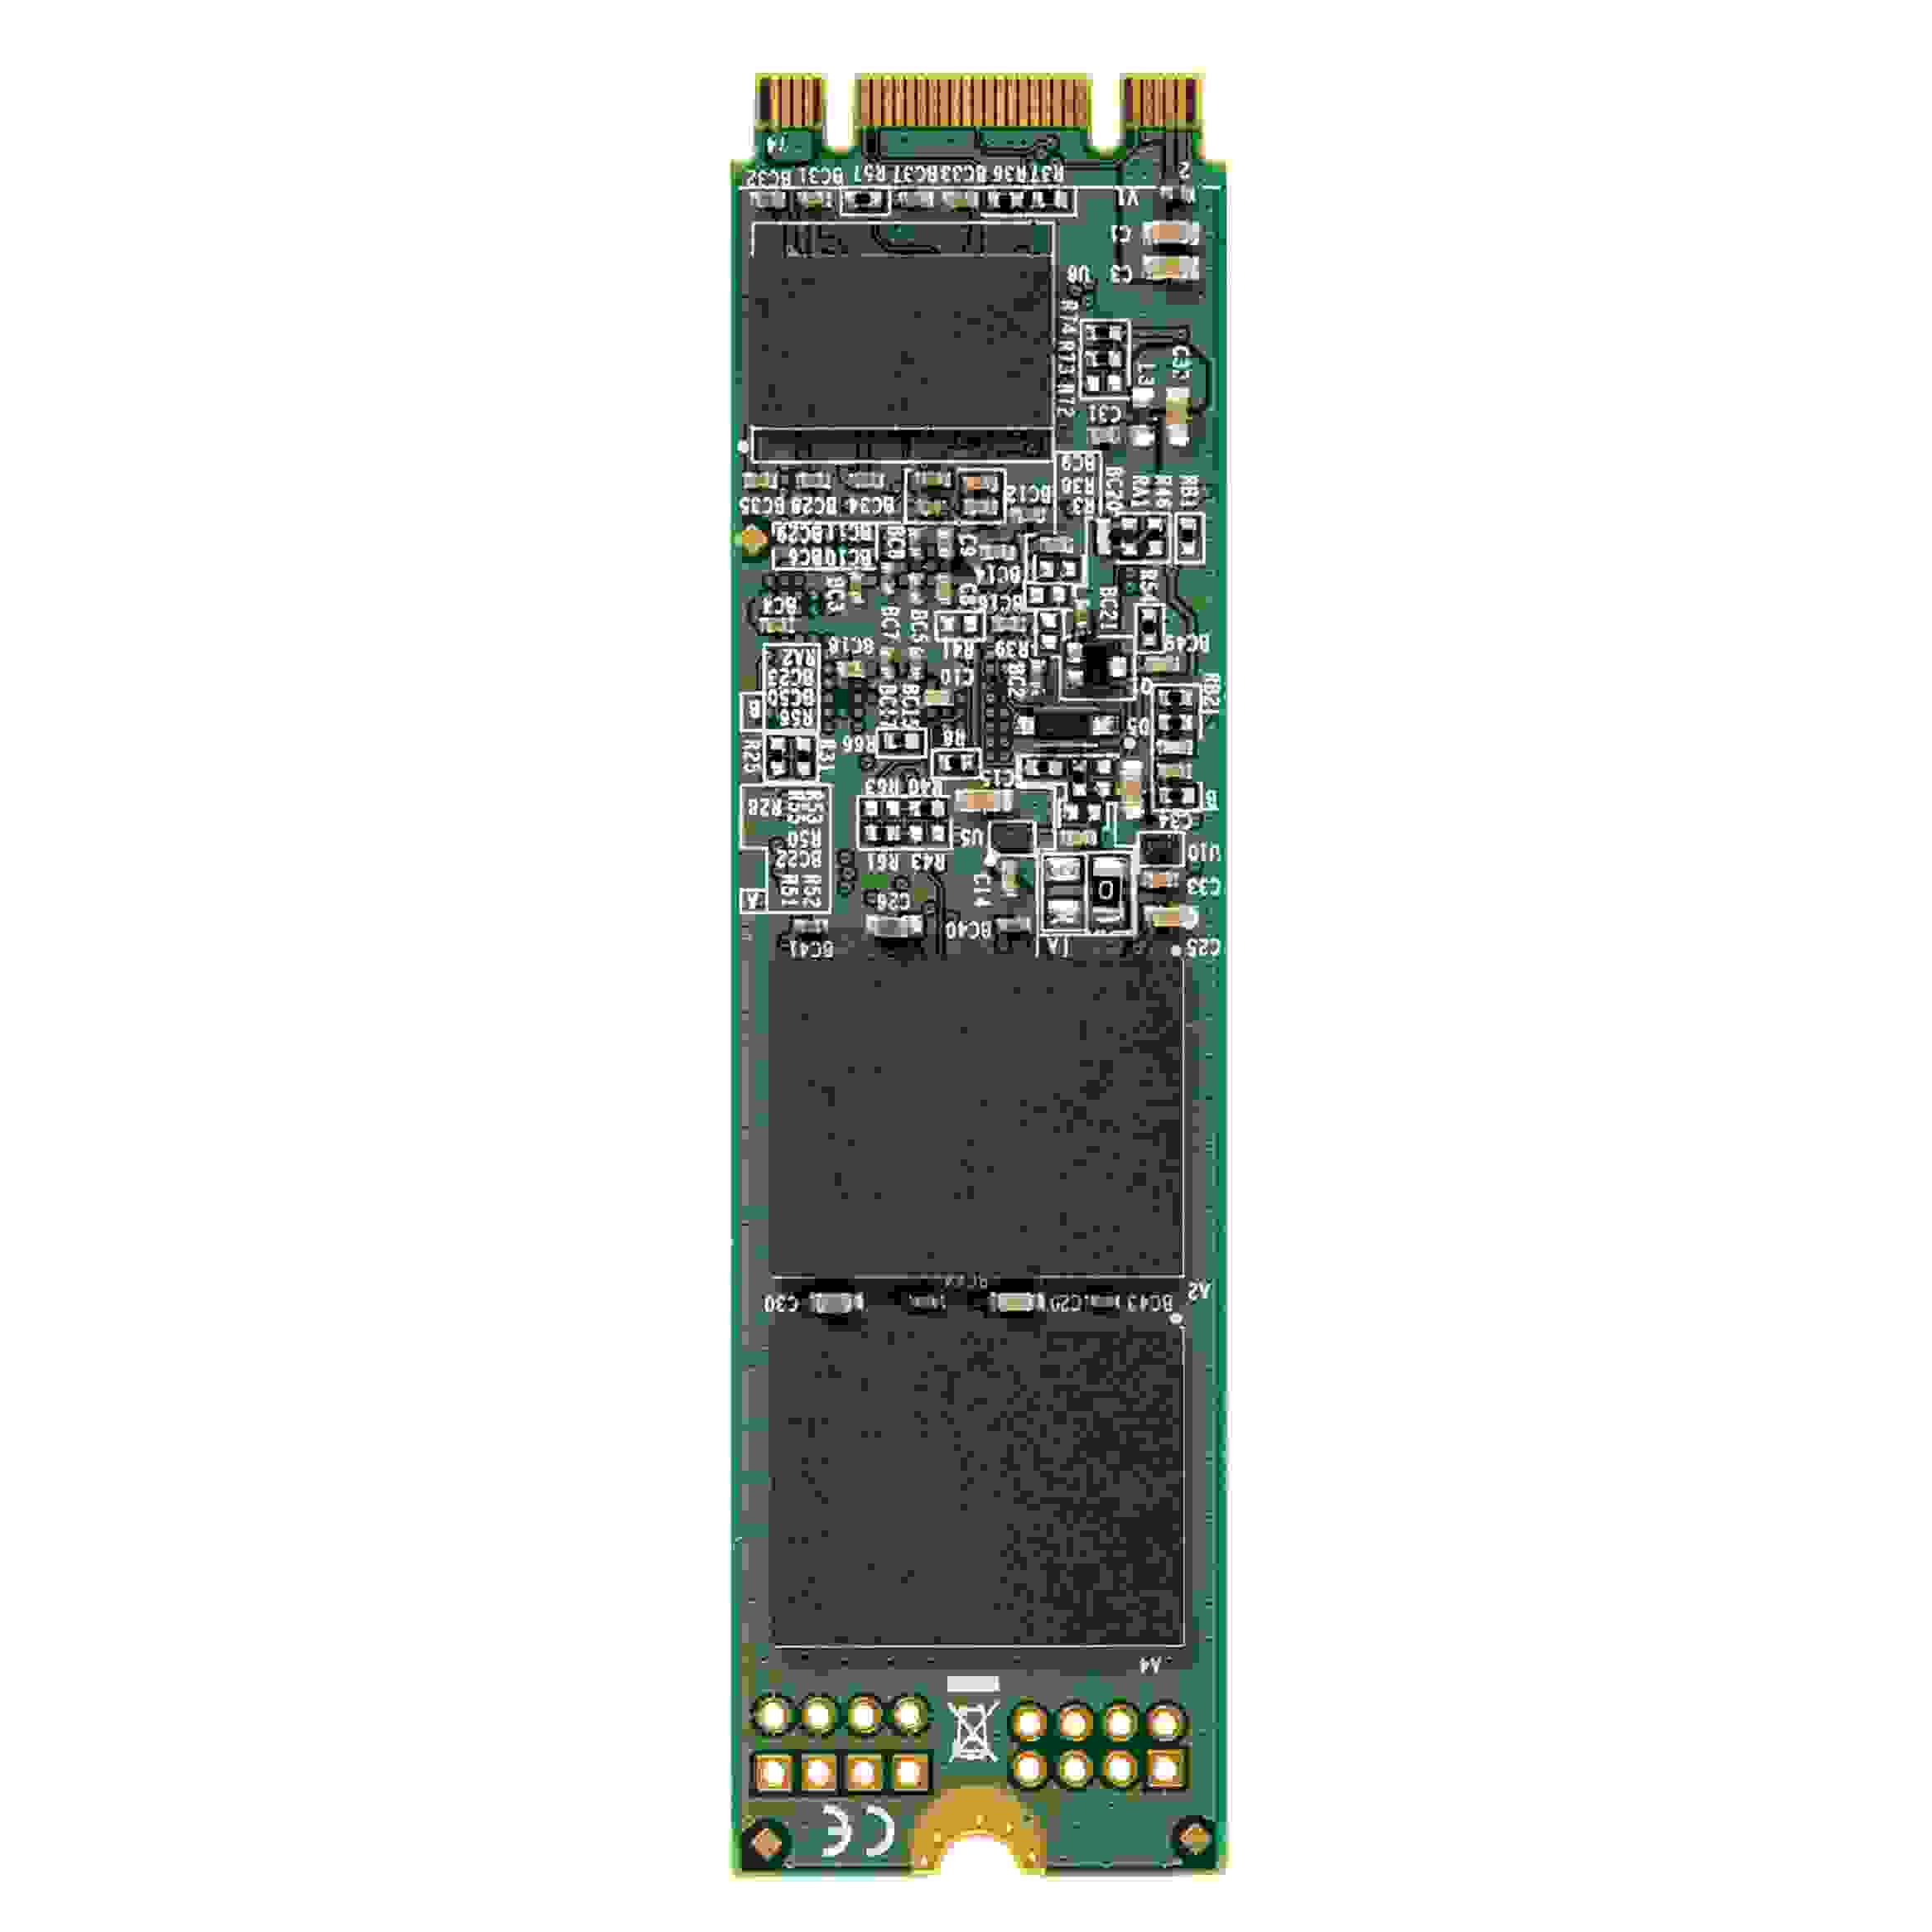 TRANSCEND Industrial SSD MTS800 32GB, M.2 2280, SATA III 6Gb/s, MLC (TS32GMTS800S)